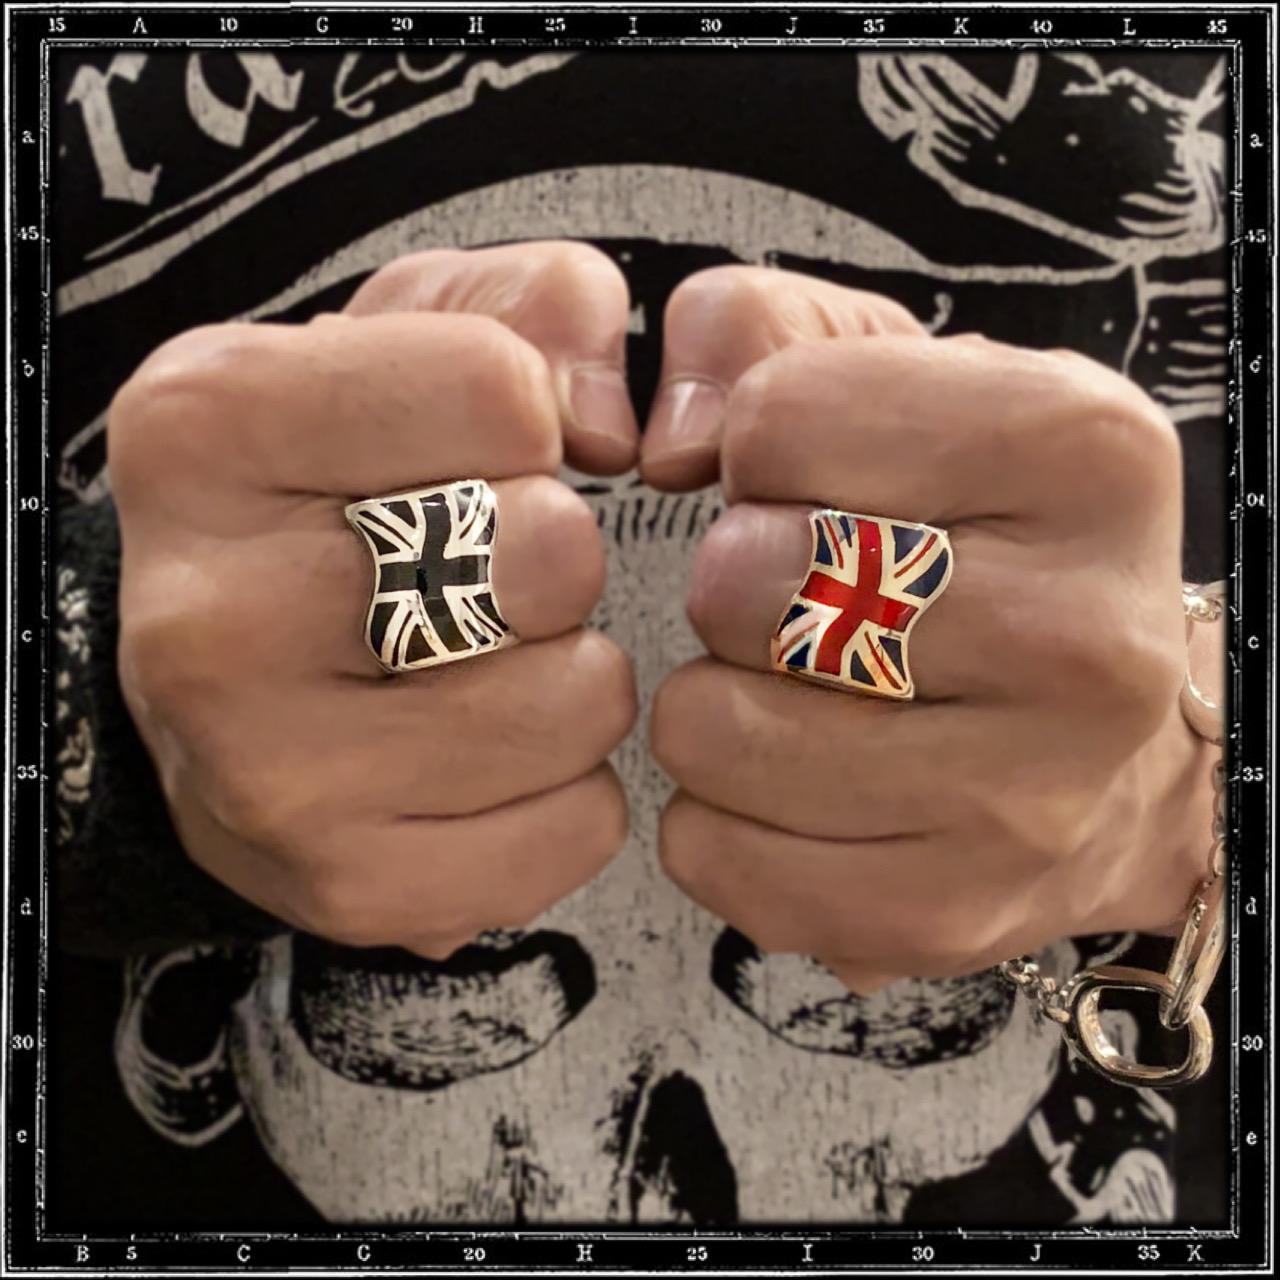 UNION JACK RING - RED & BLUE ENAMEL